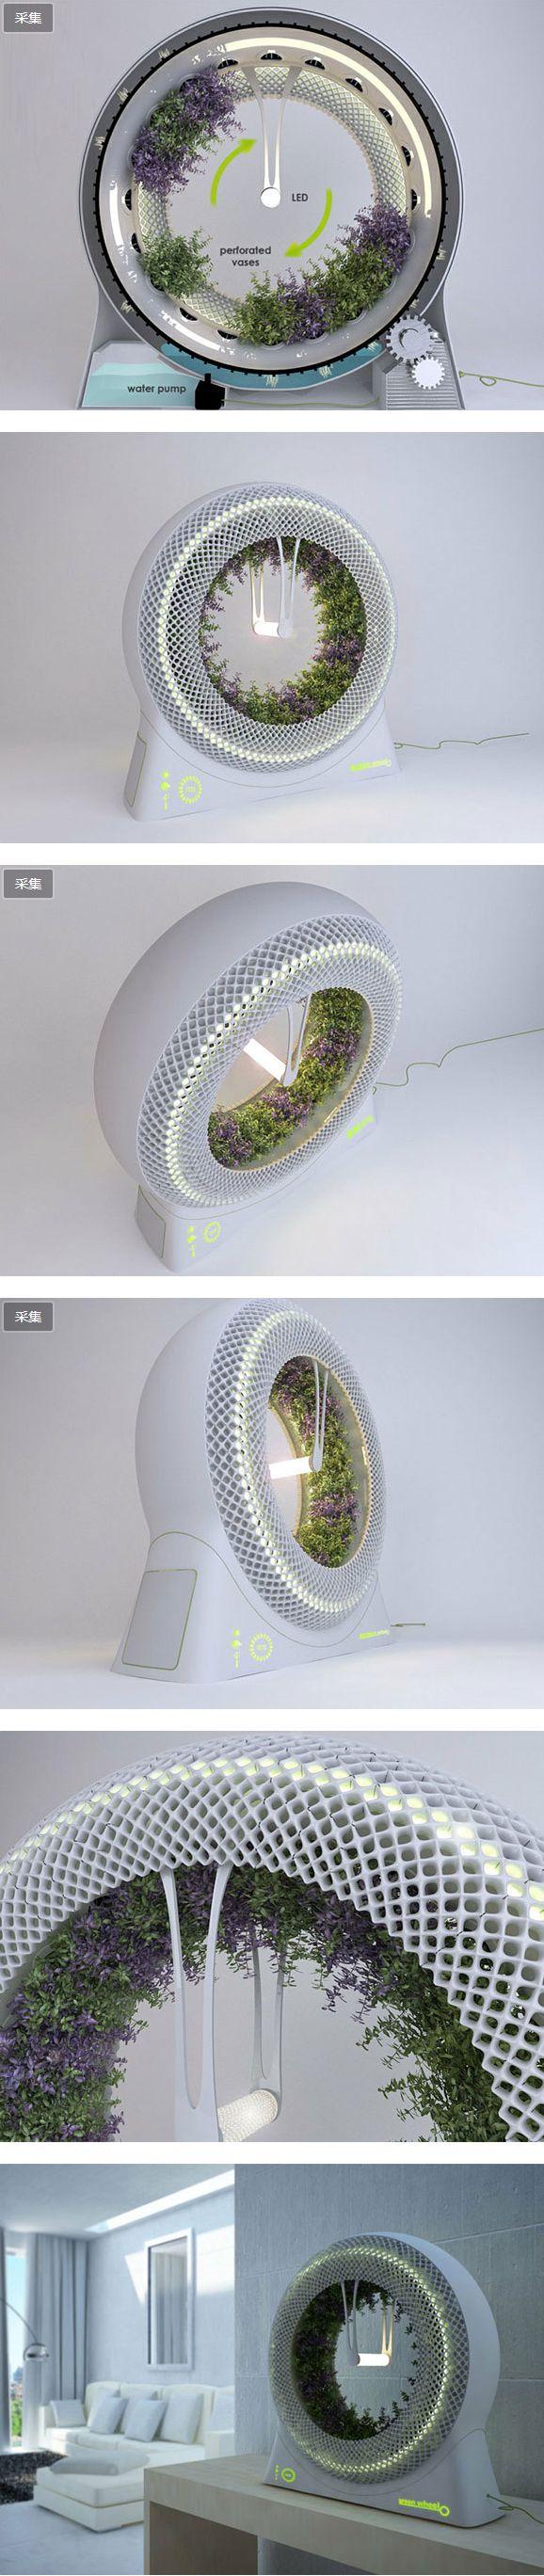 À la maison, vous pouvez arrondir un jardin de rêve - Produits Spécialisés Net